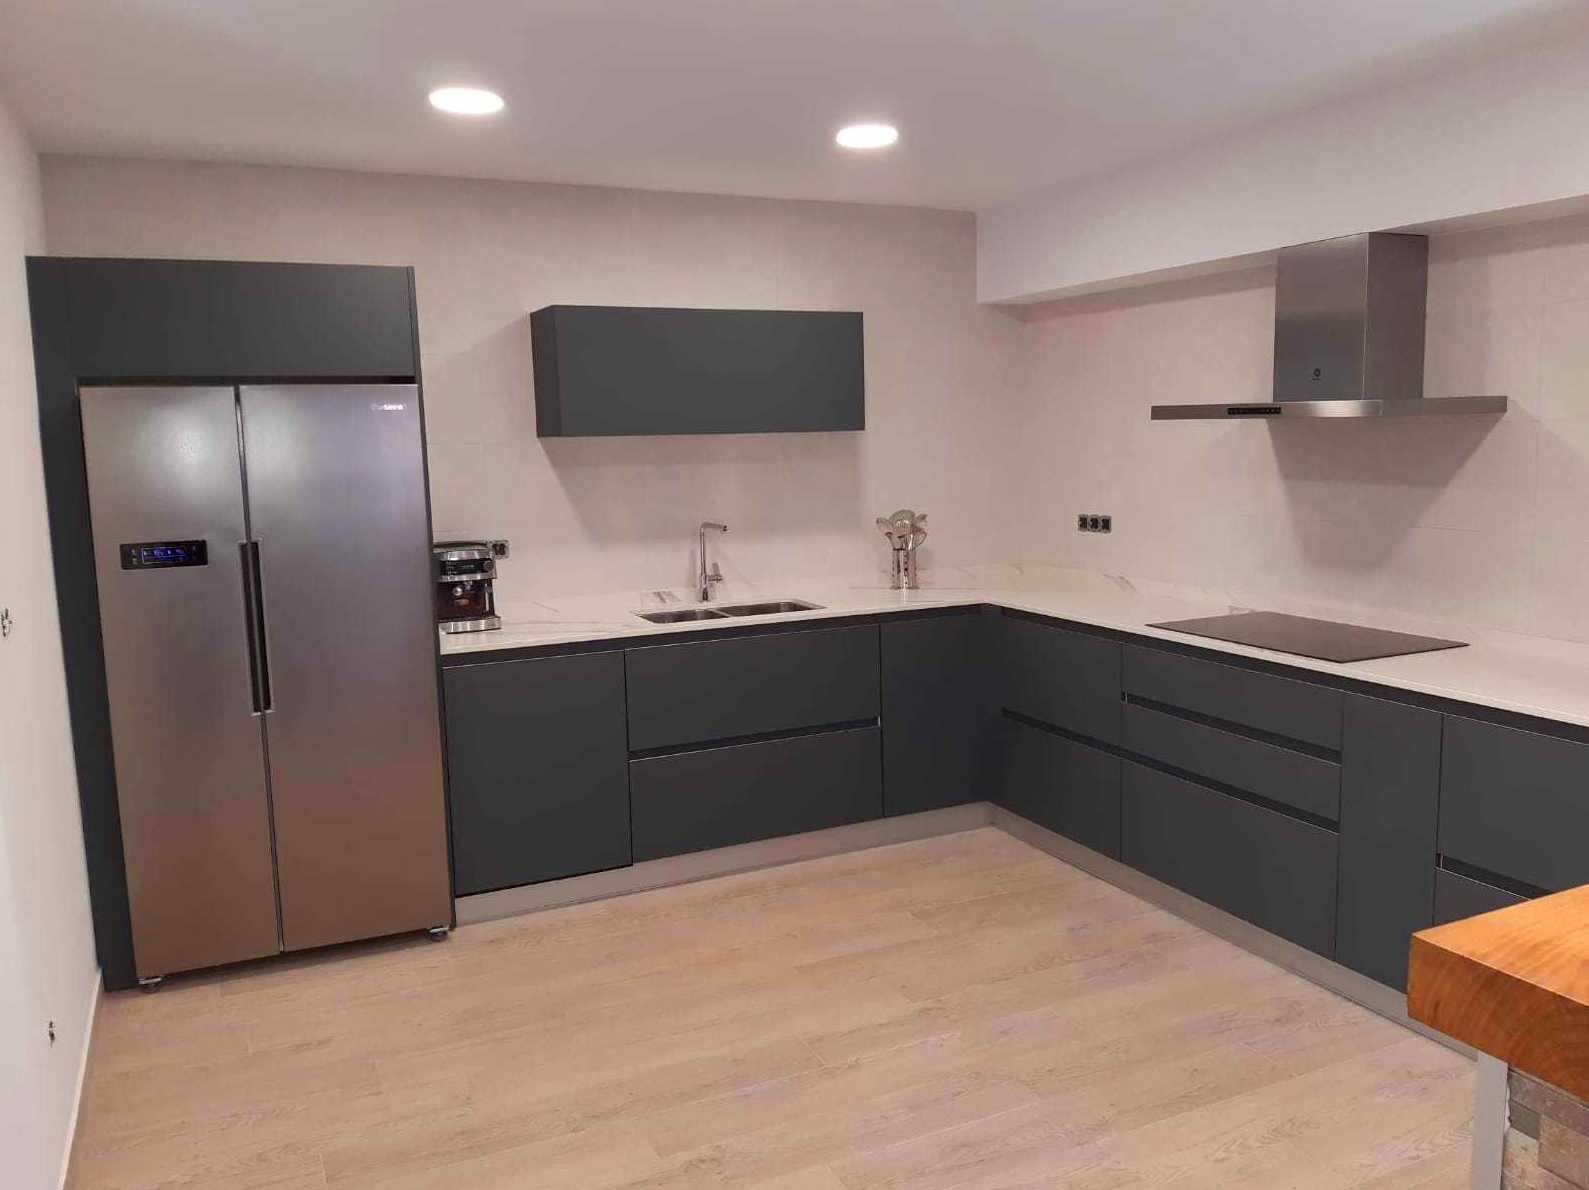 Foto 44 de Electrodomésticos y muebles en  | Electrodomésticos Miguelena